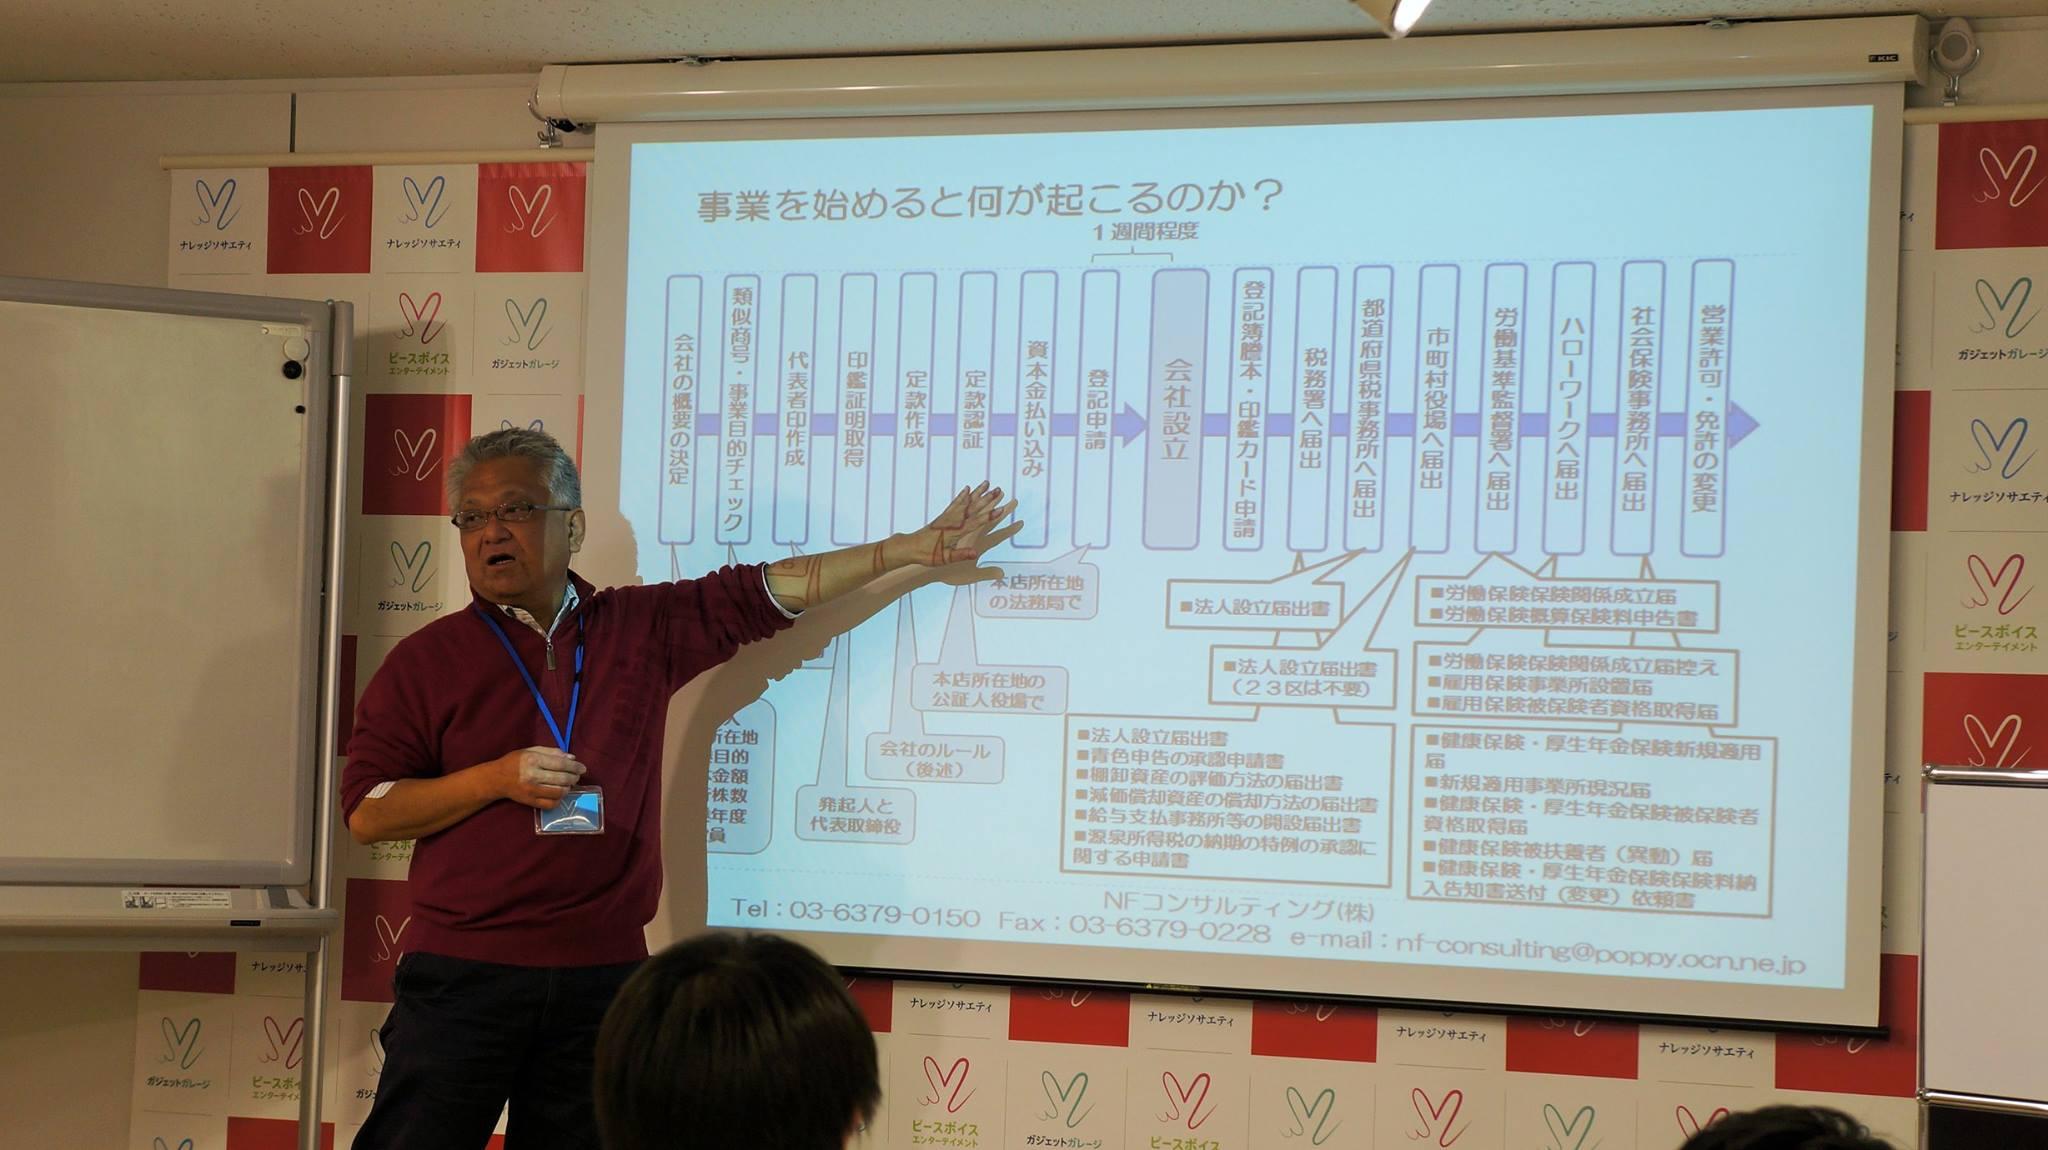 東京のコワーキングスペースで行われた創業セミナー1